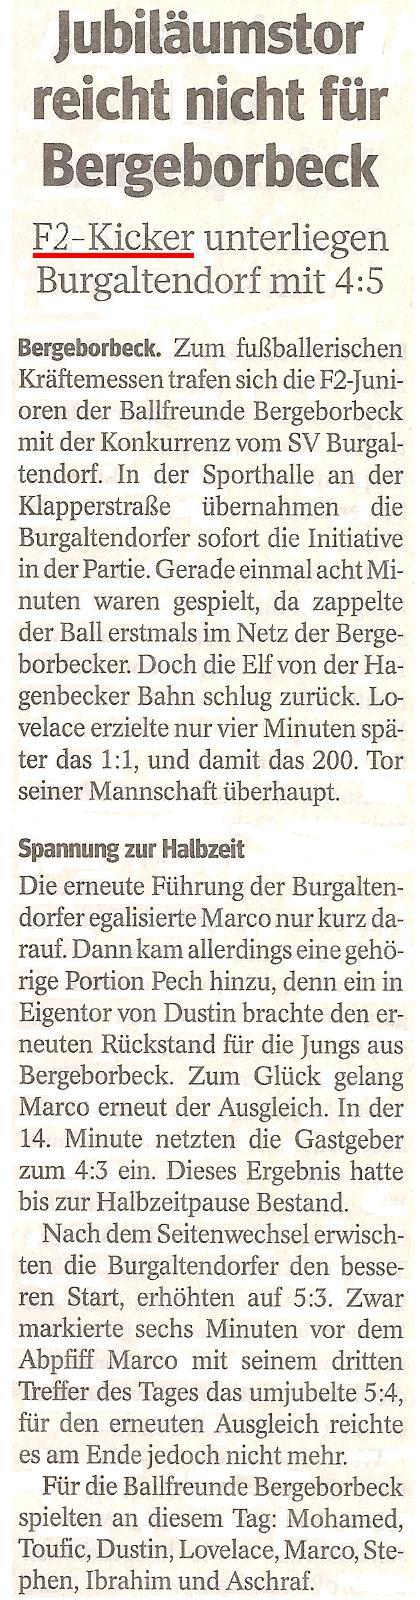 Die WAZ vom 20.03.2013 berichtet über das Hallenspiel in Burgaltendorf